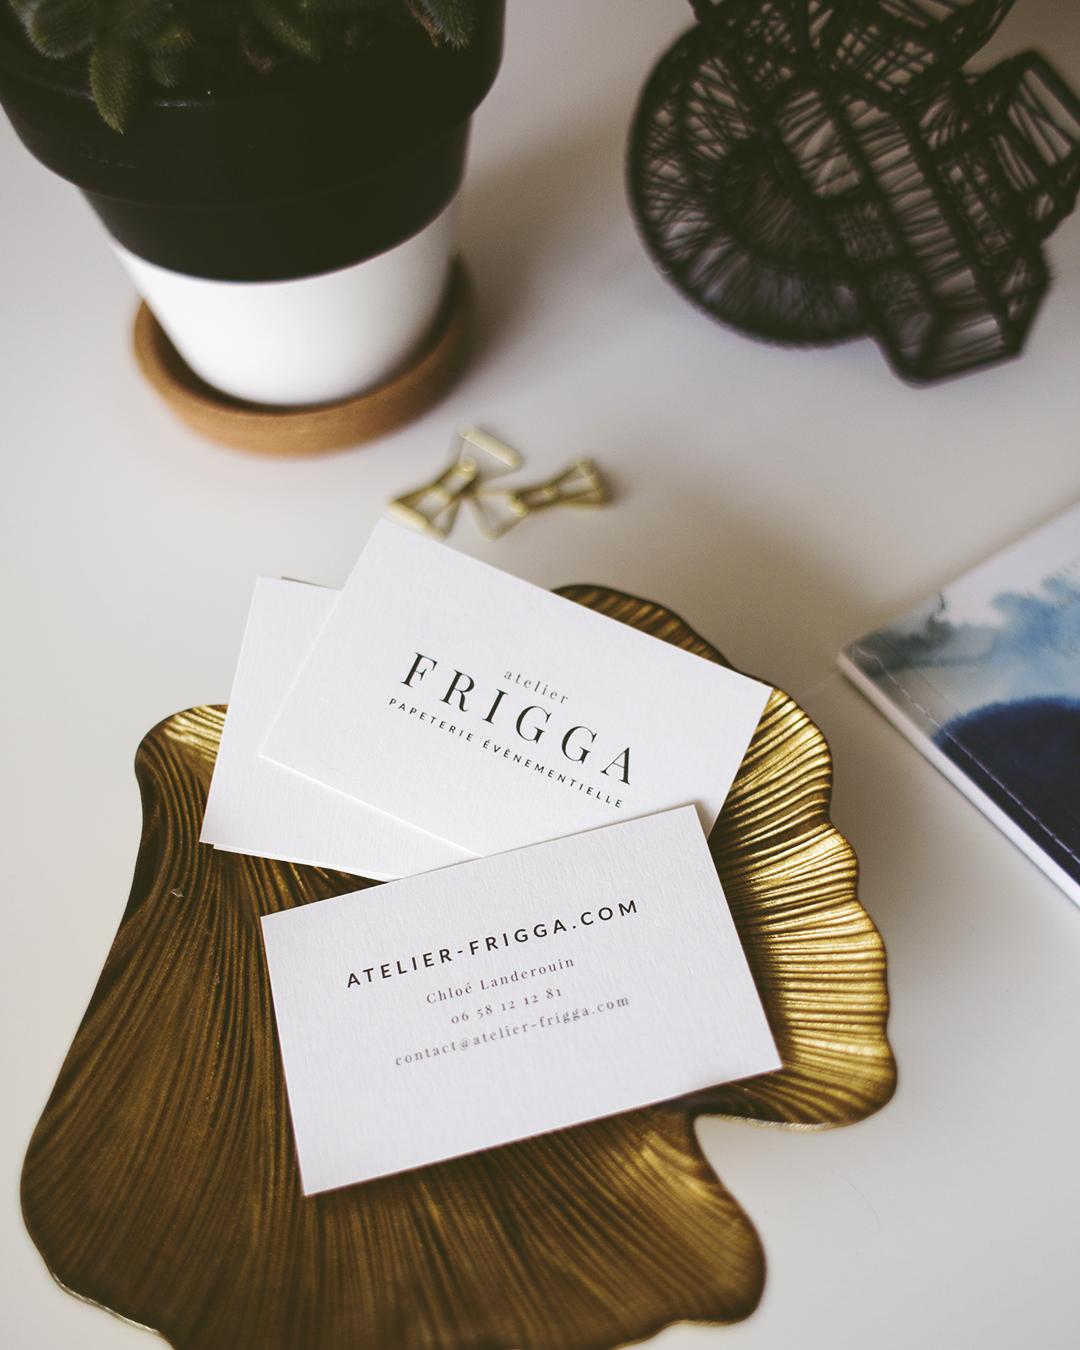 papeterie faire-part invitation moderne créative création graphique mariage évènement anniversaire